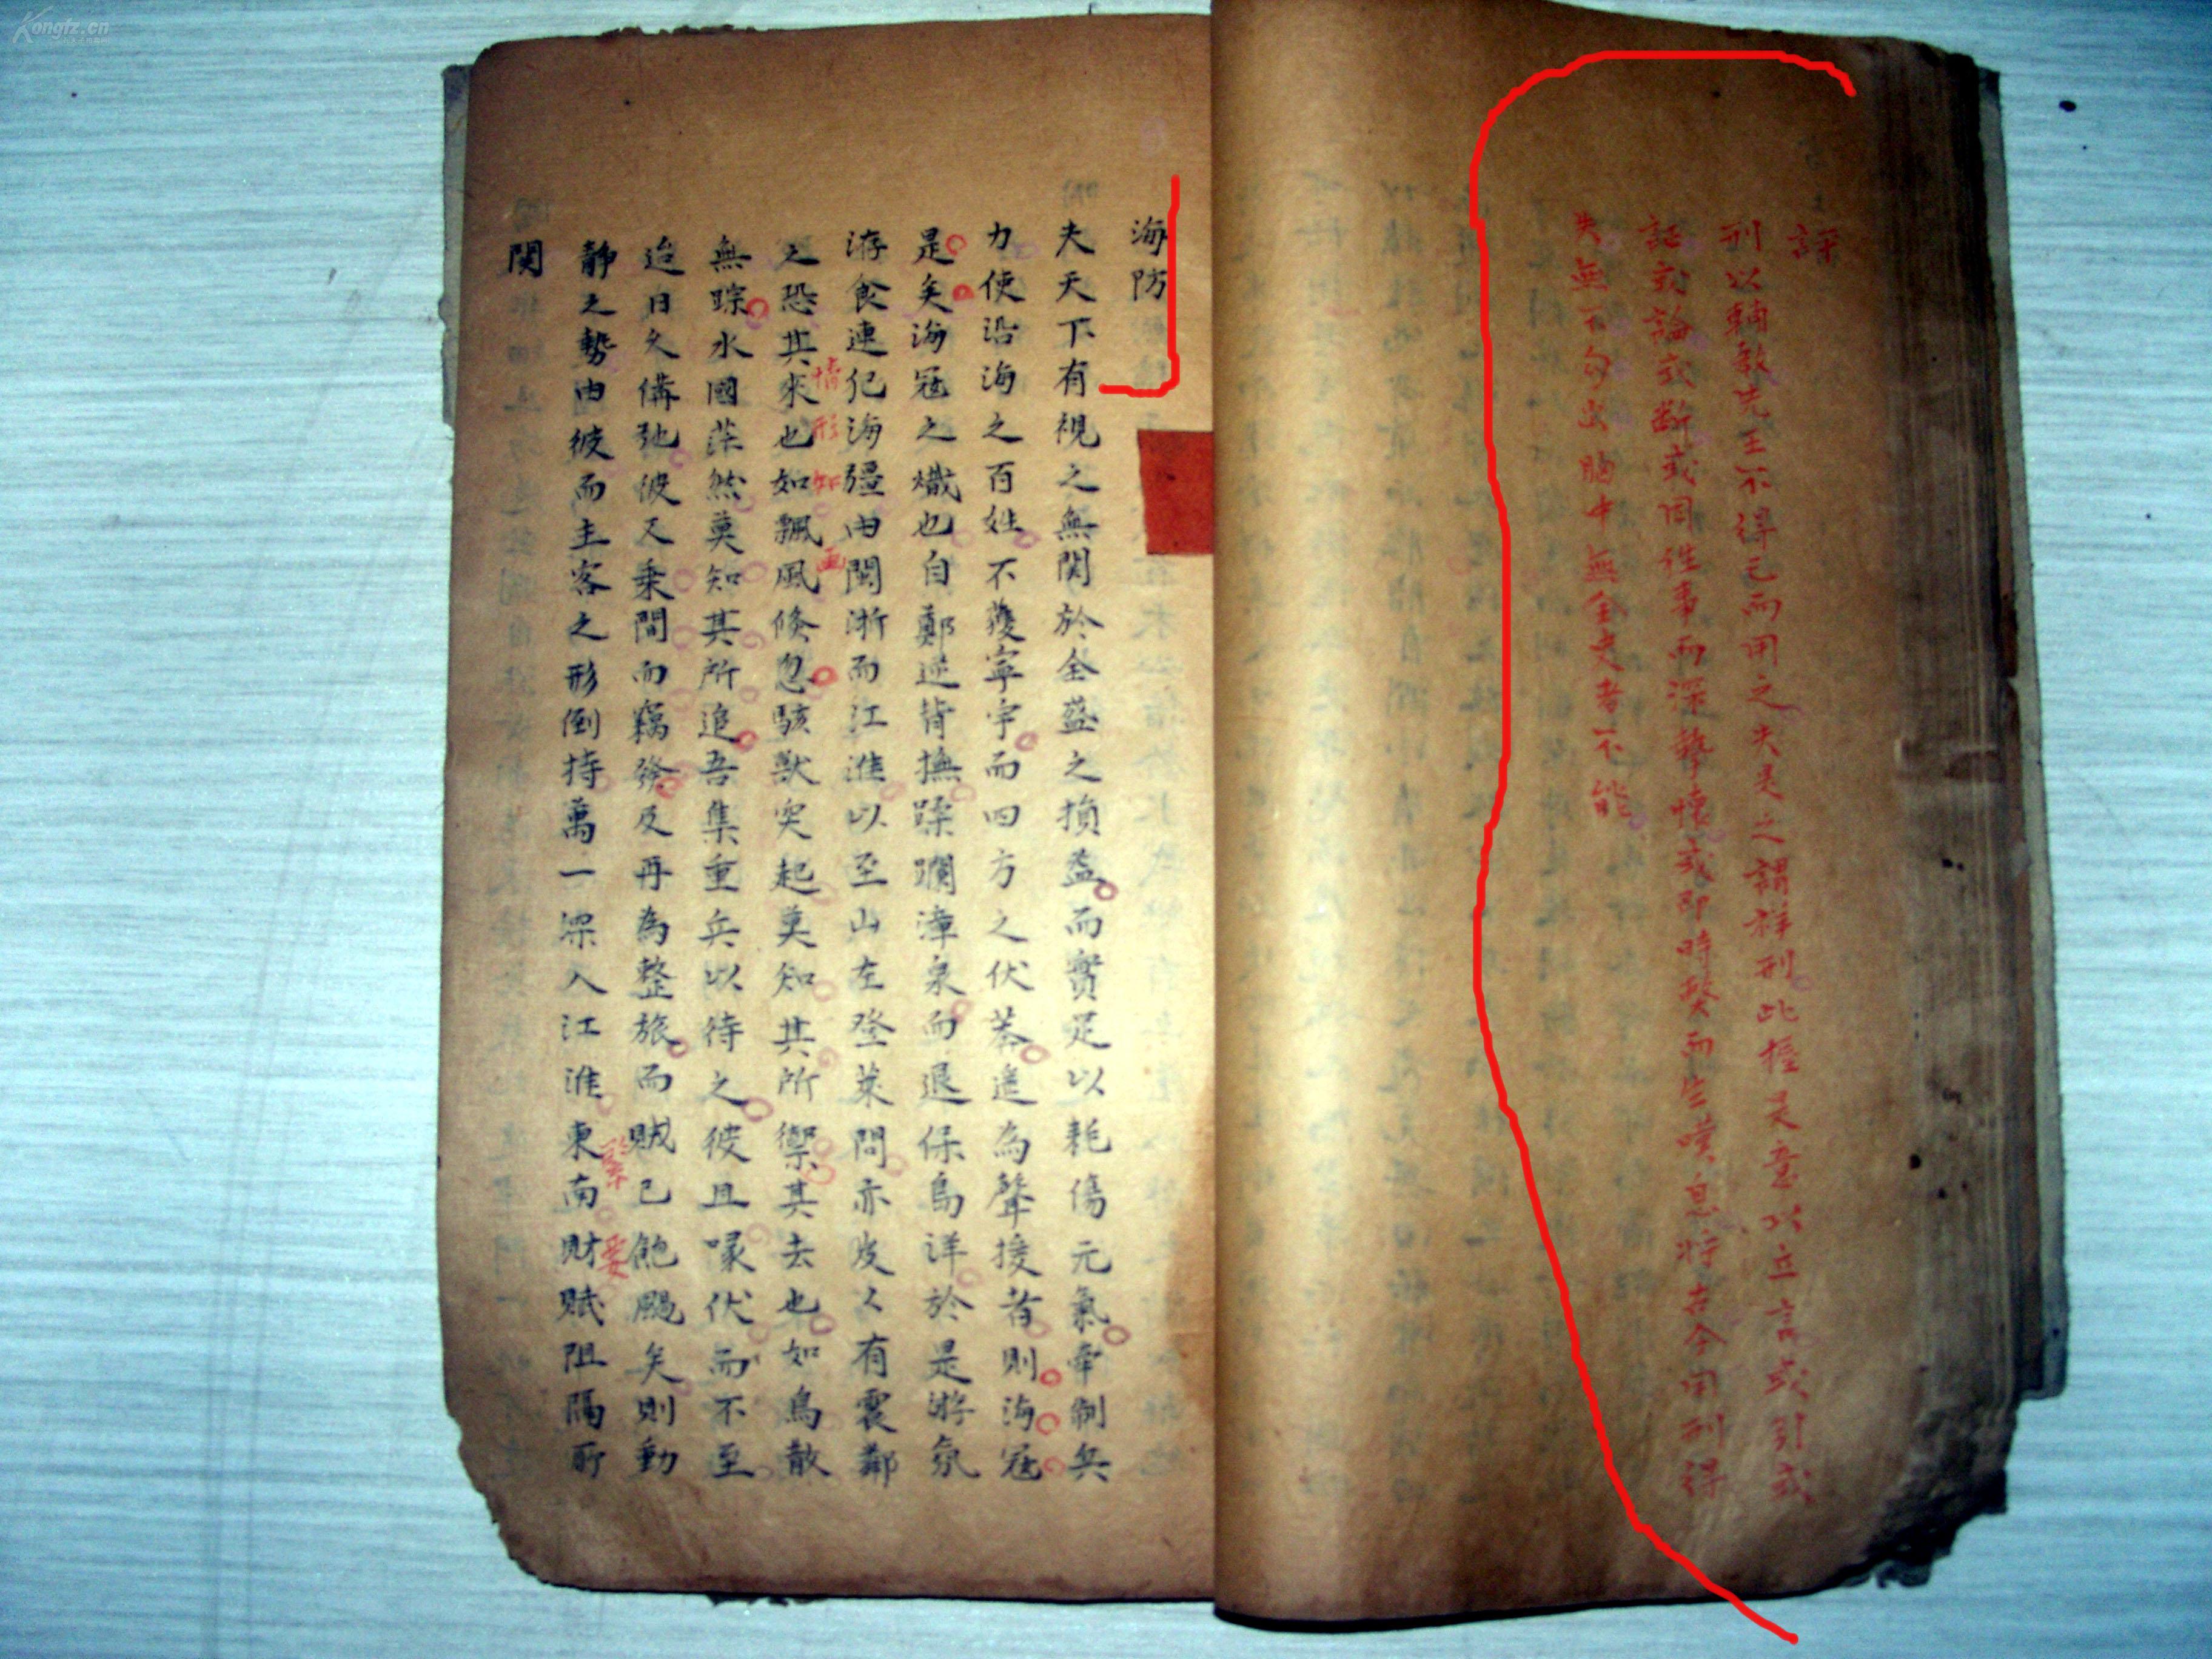 新硎悠得琅_古清渊今山东临清稿本文献策论新硎.